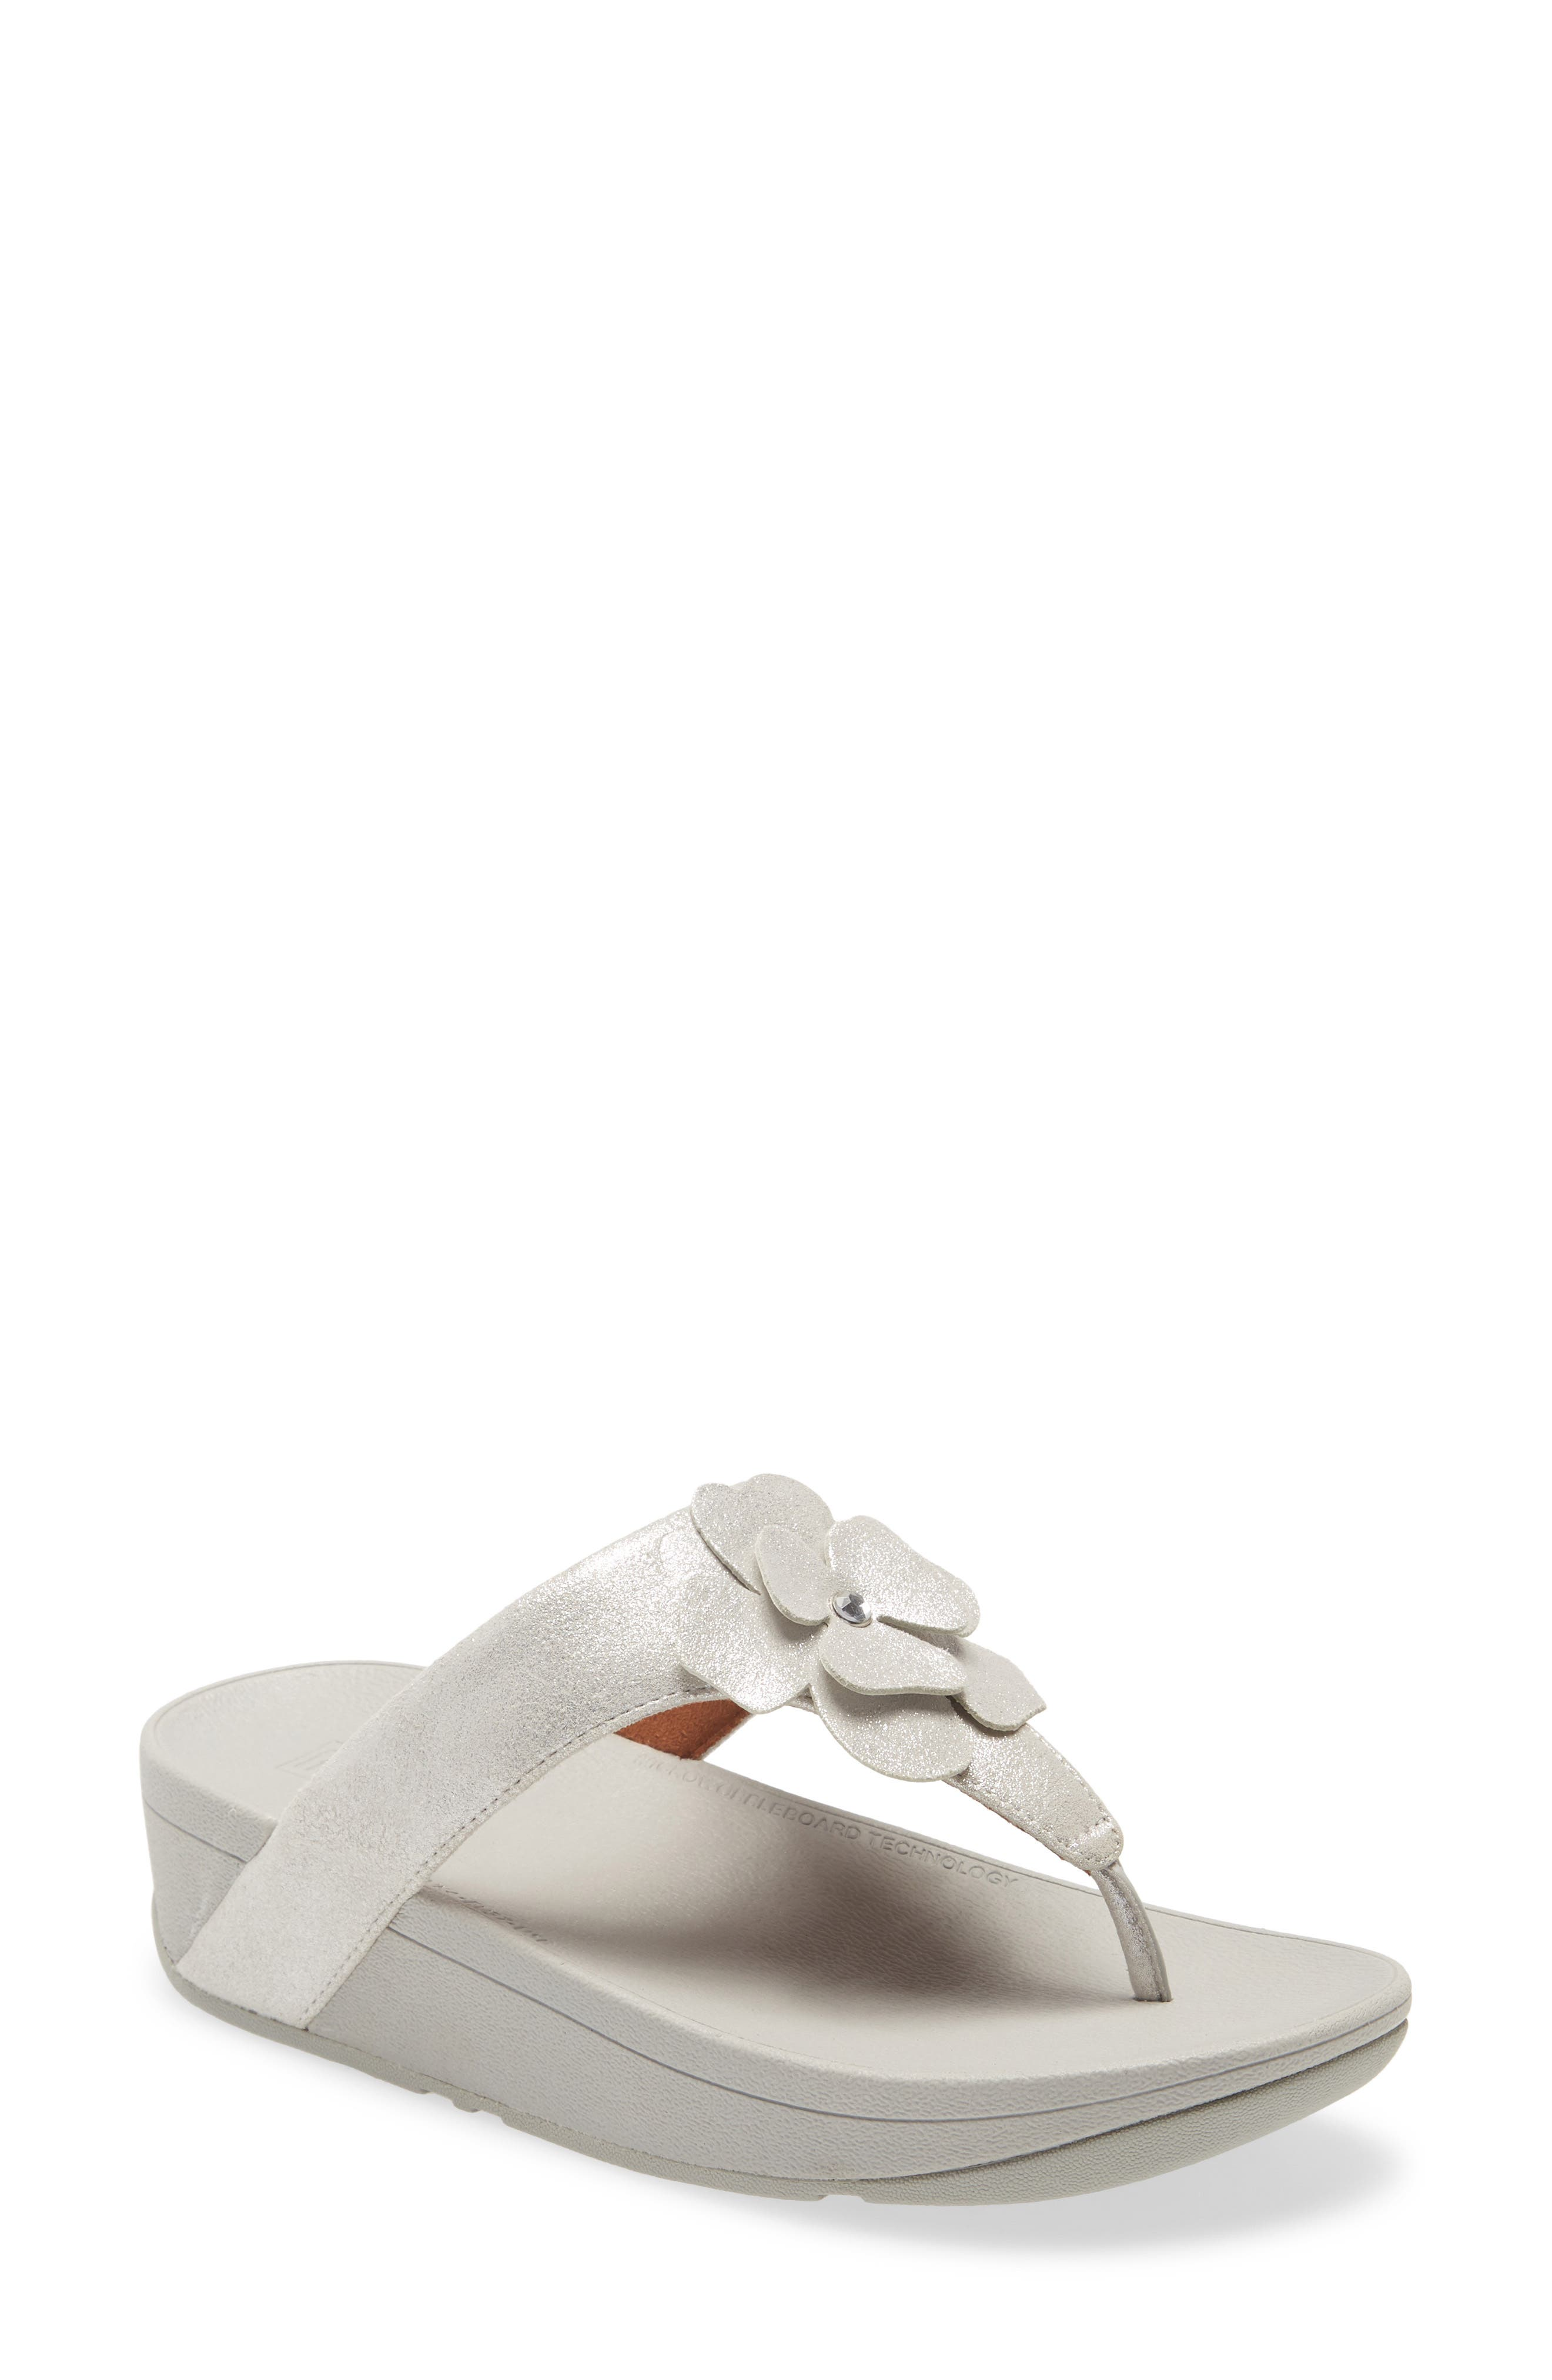 Lottie Crystal Flower Wedge Flip Flop